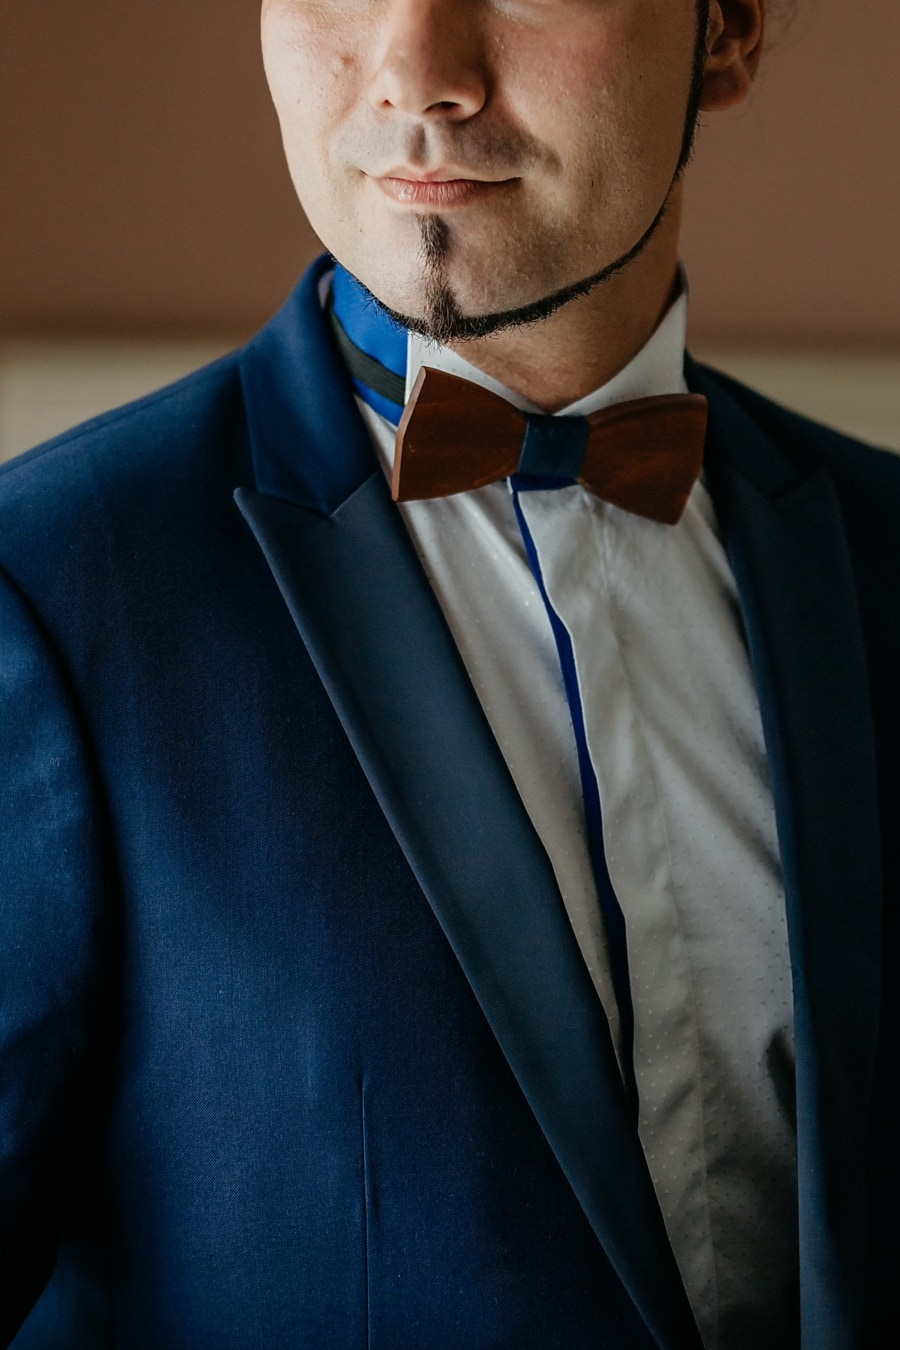 nœud papillon, Barbe, costume de smoking, homme, visage, moderne, Beau, Portrait, homme d'affaire, attacher